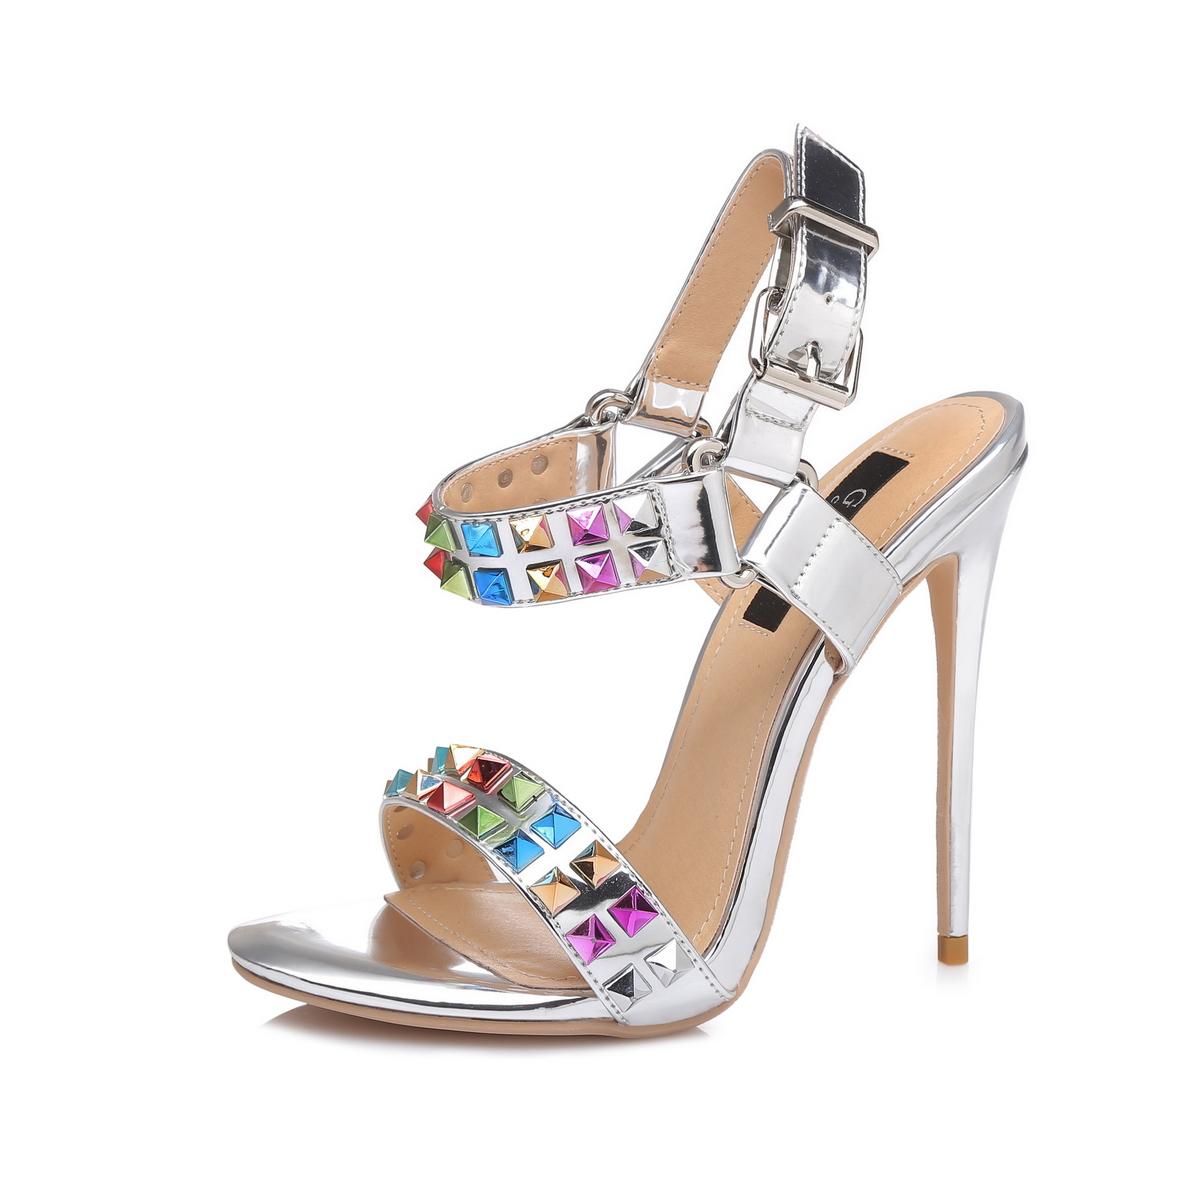 GIARO - Damen High Heel Sandalatten - Silber Schuhe in Übergrößen – Bild 1